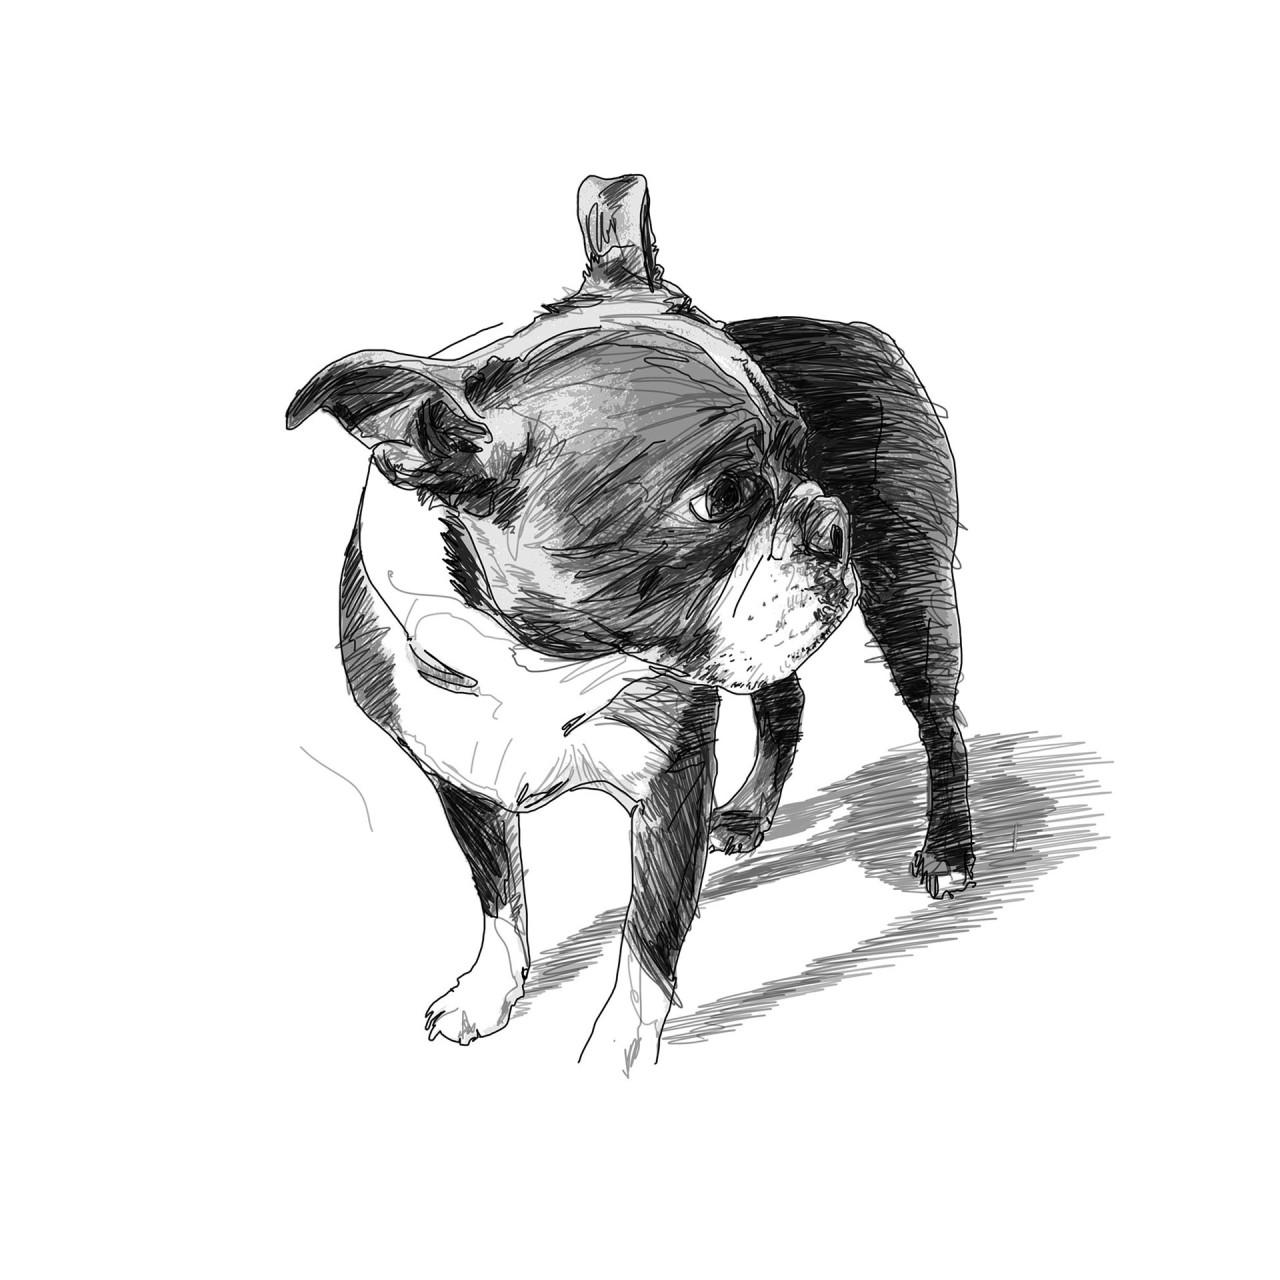 Beatrix-Draw02bsq